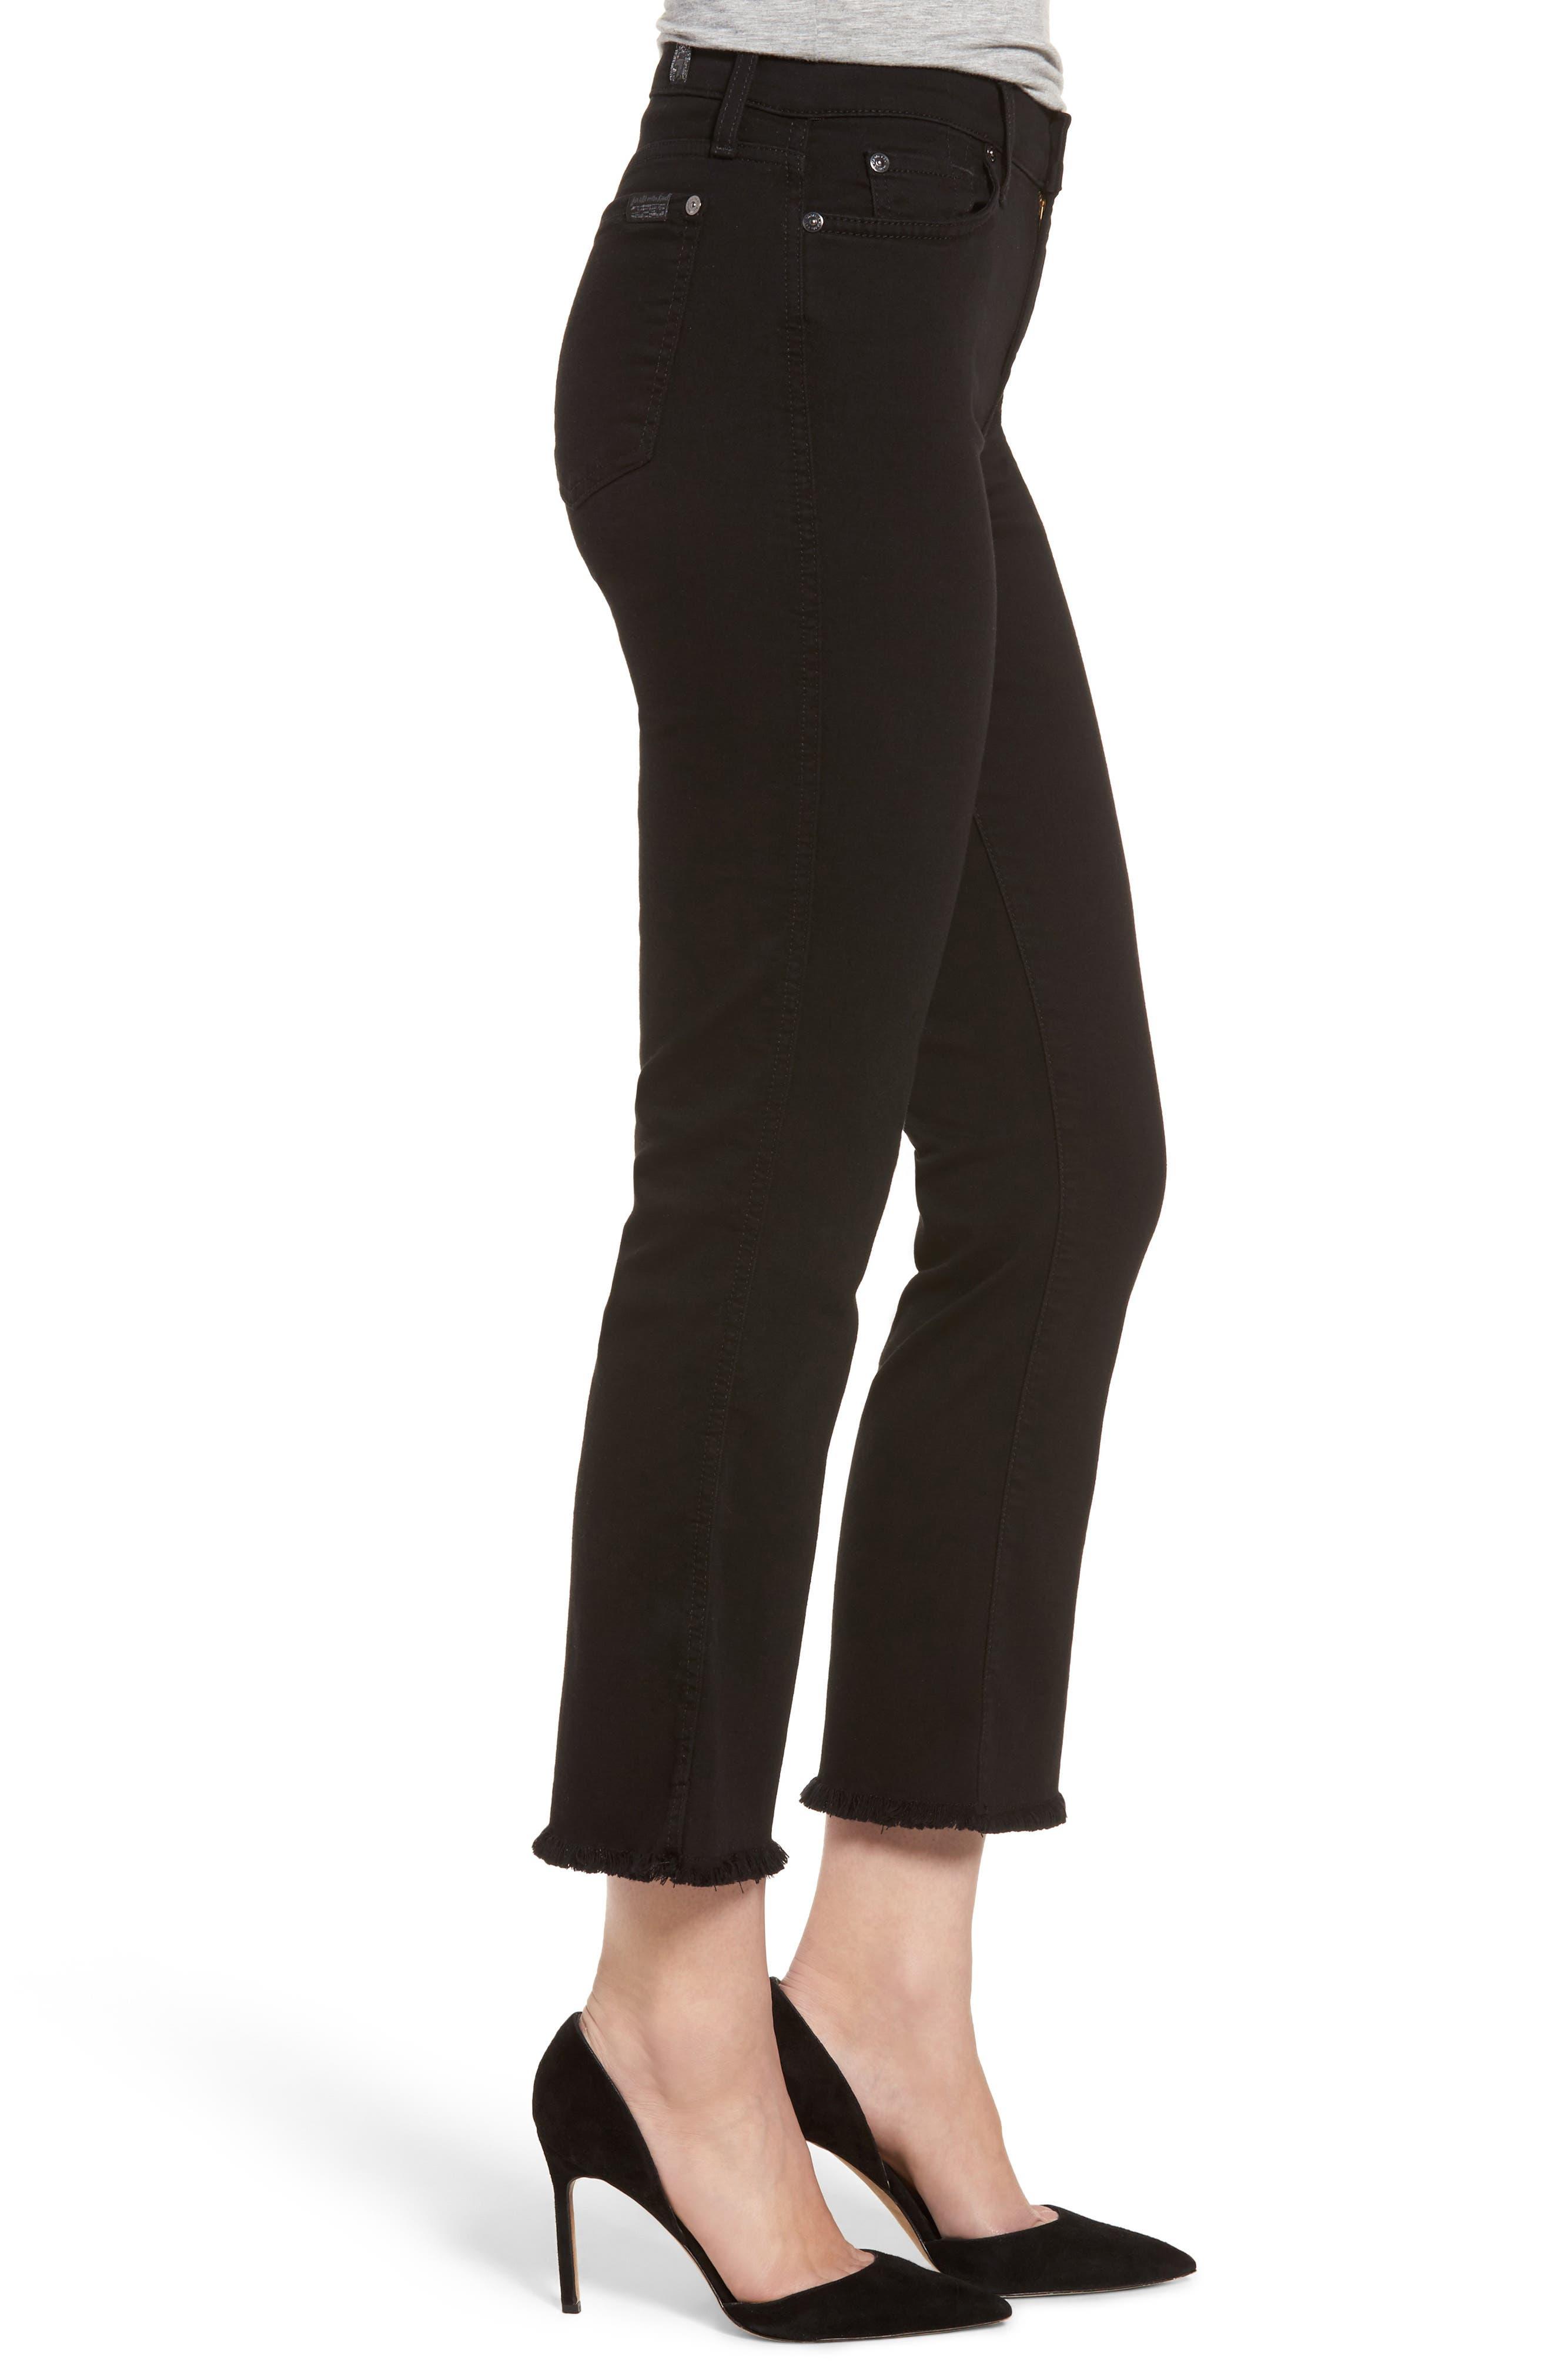 b(air) Crop Bootcut Jeans,                             Alternate thumbnail 3, color,                             B(AIR) BLACK